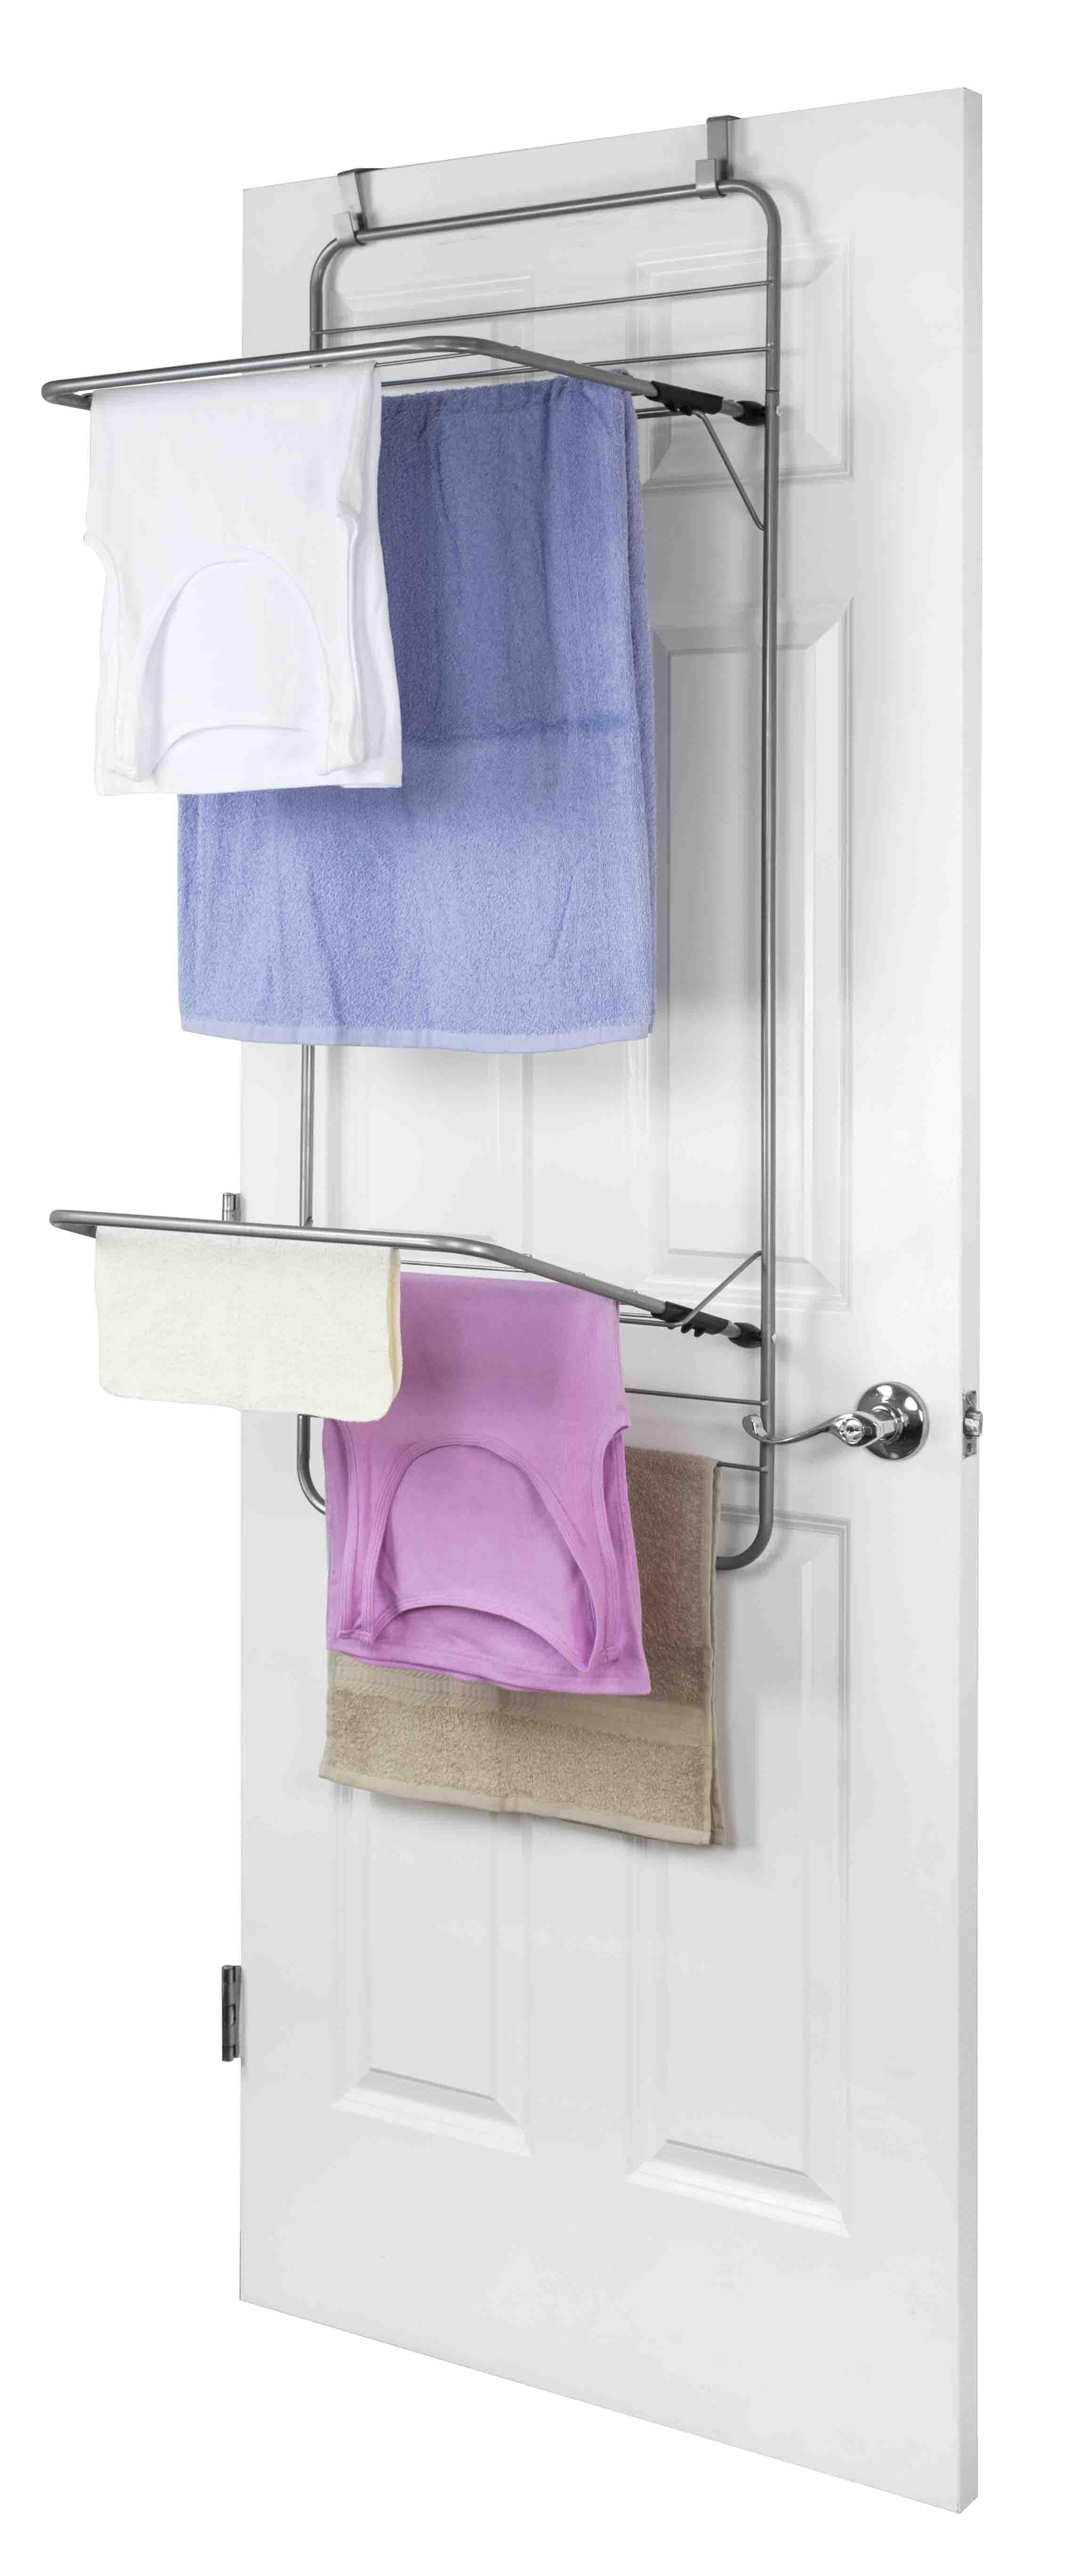 steel over the door towel dryer rack grey